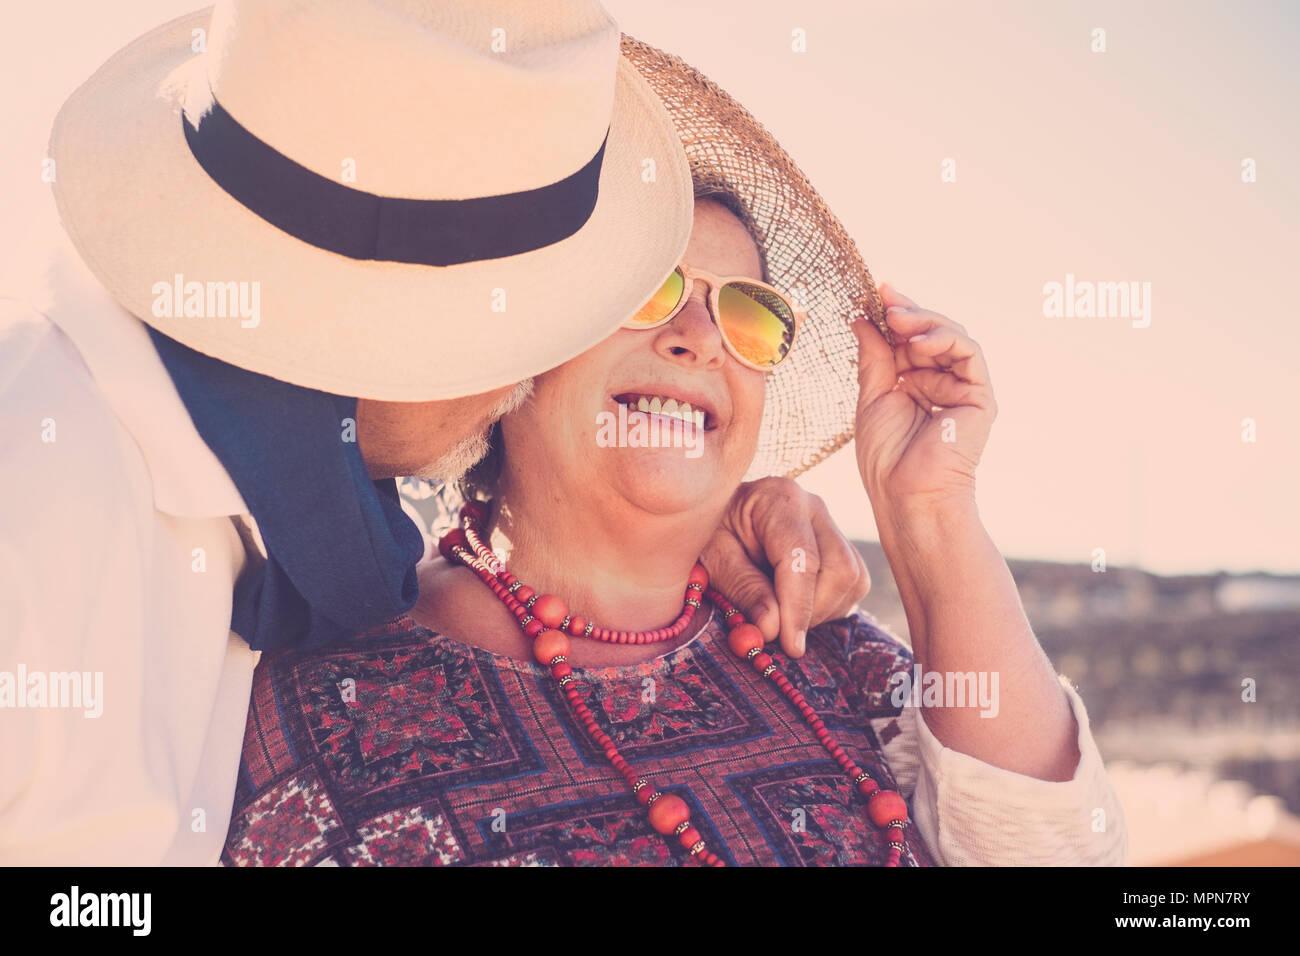 Les adultes les gens à rester ensemble avec kiss et accolade sous le soleil avec des chapeaux et des lunettes de soleil et collier. Le vrai amour pour toujours ensemble concept Photo Stock